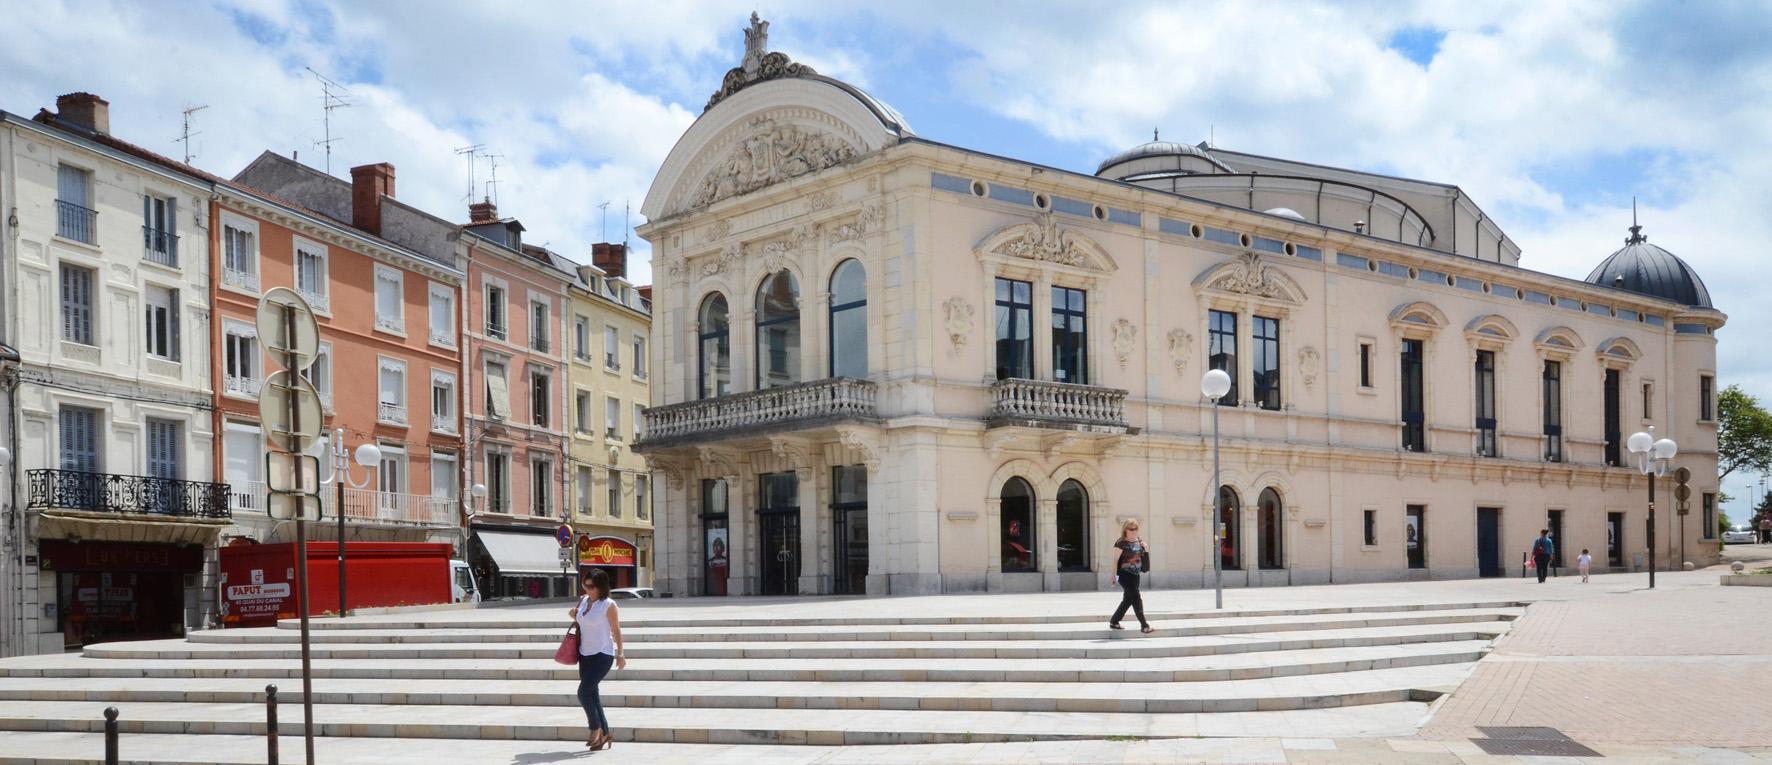 Théâtre Panoramique